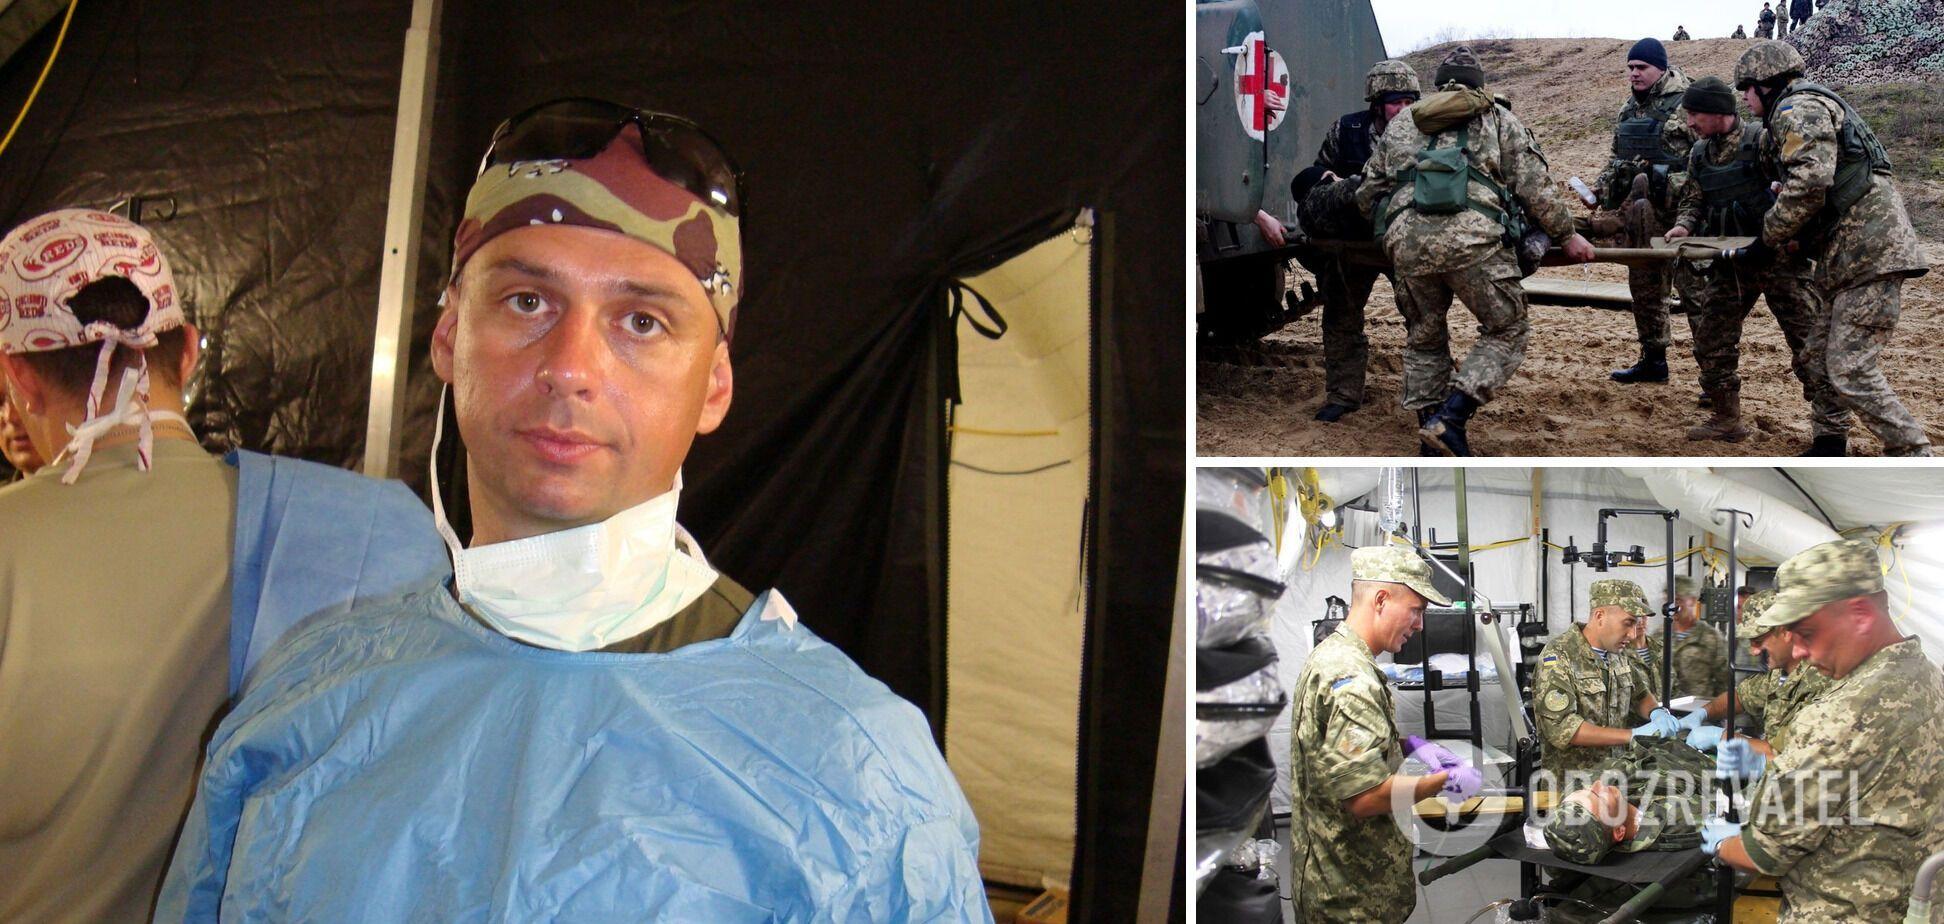 Главный хирург ВСУ: наши военные погибают на поле боя. Мы бы спасали всех, но мы не боги